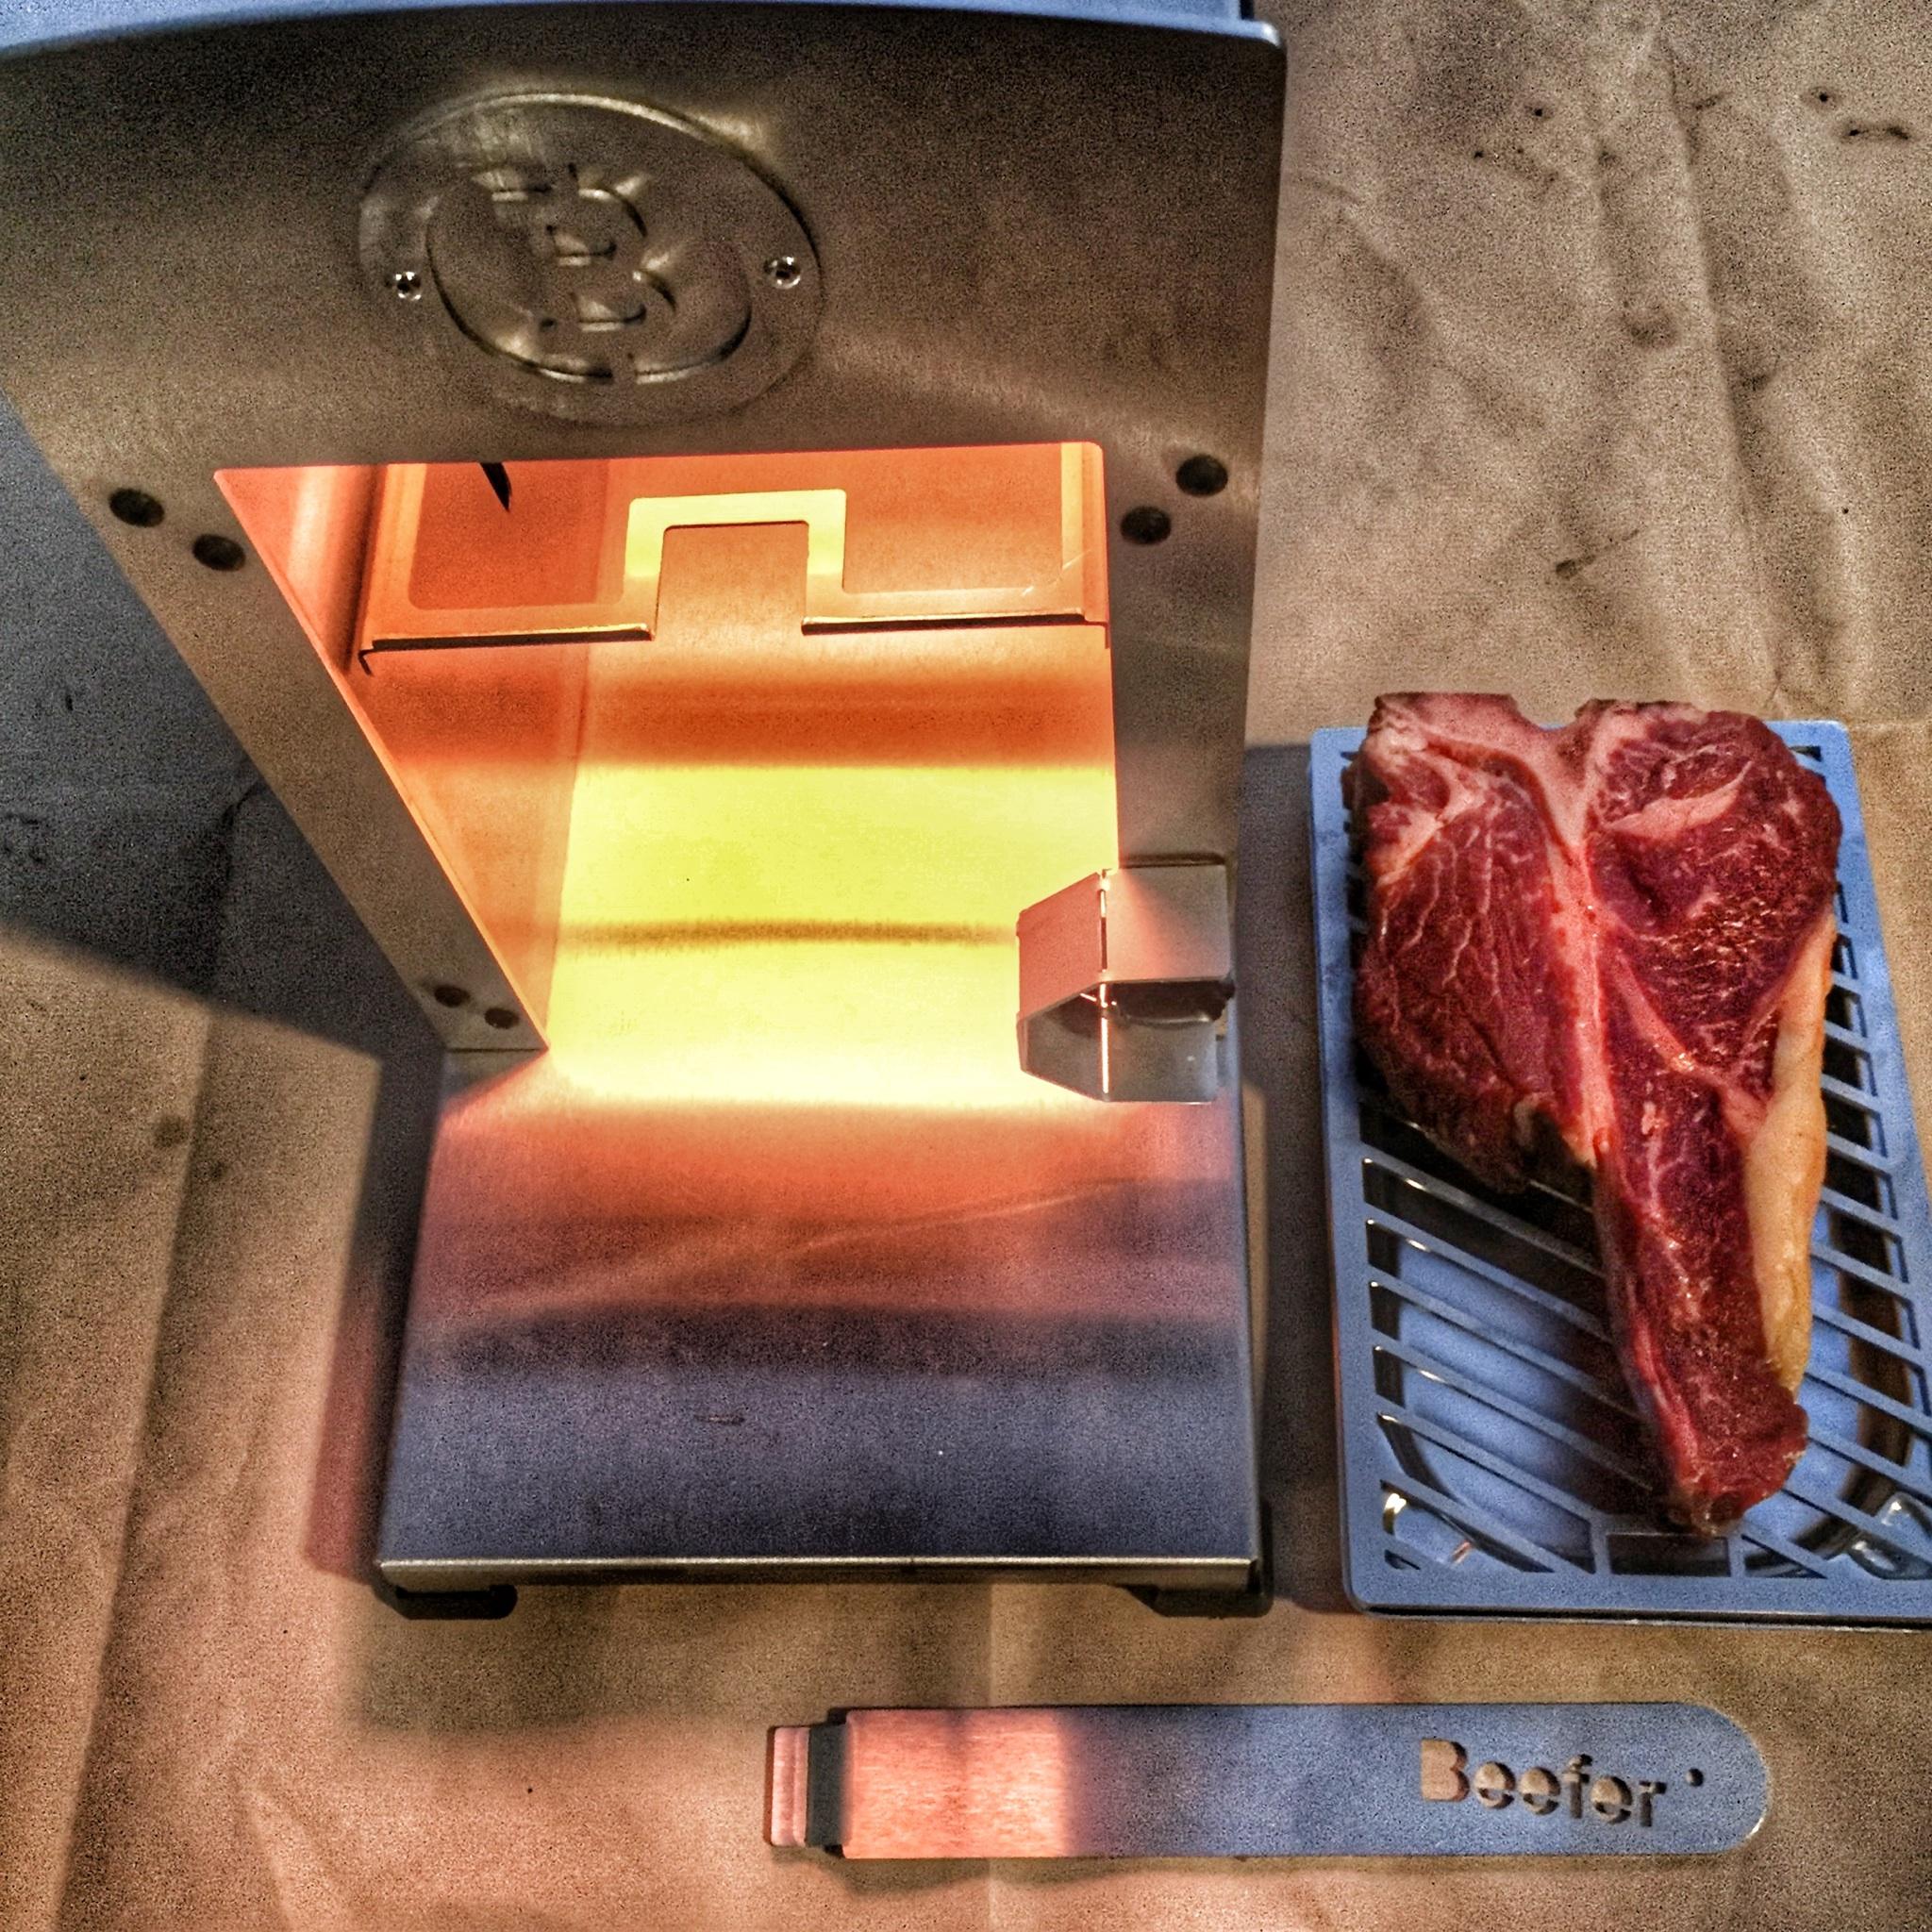 steak oberhitze gasgrill